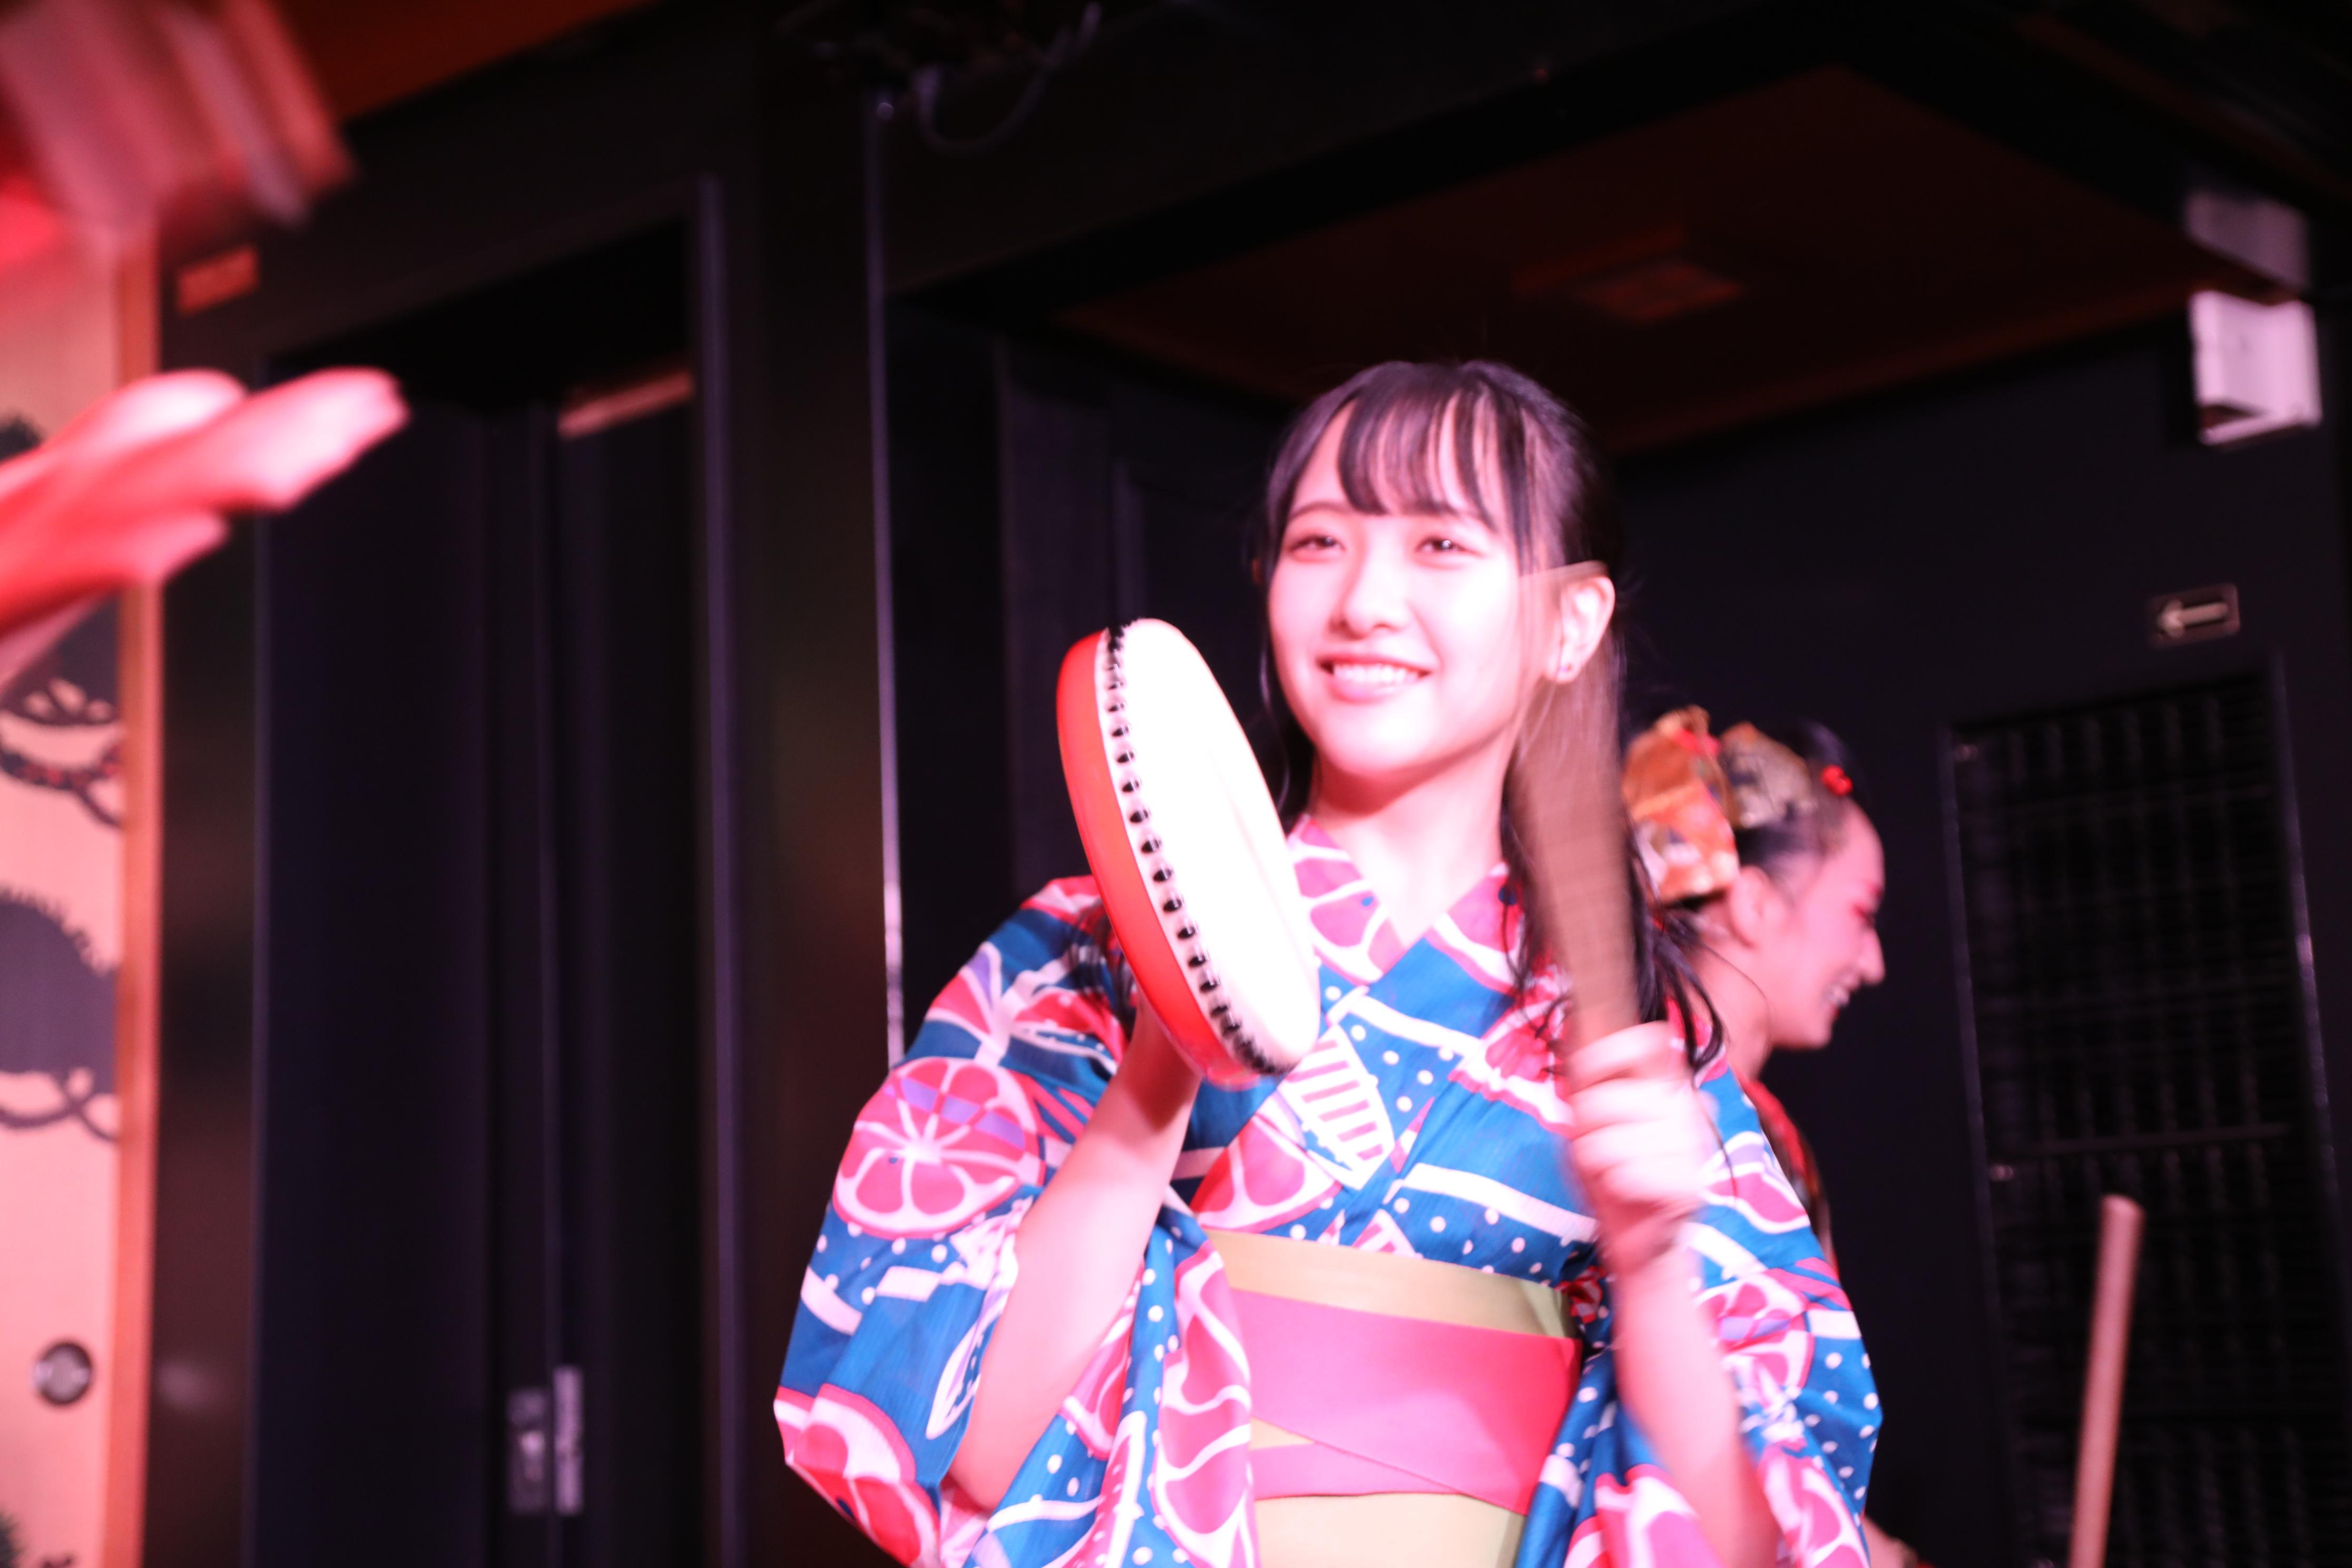 WAGAKUメンバーと一緒にパフォーマンスを披露する石田千穂